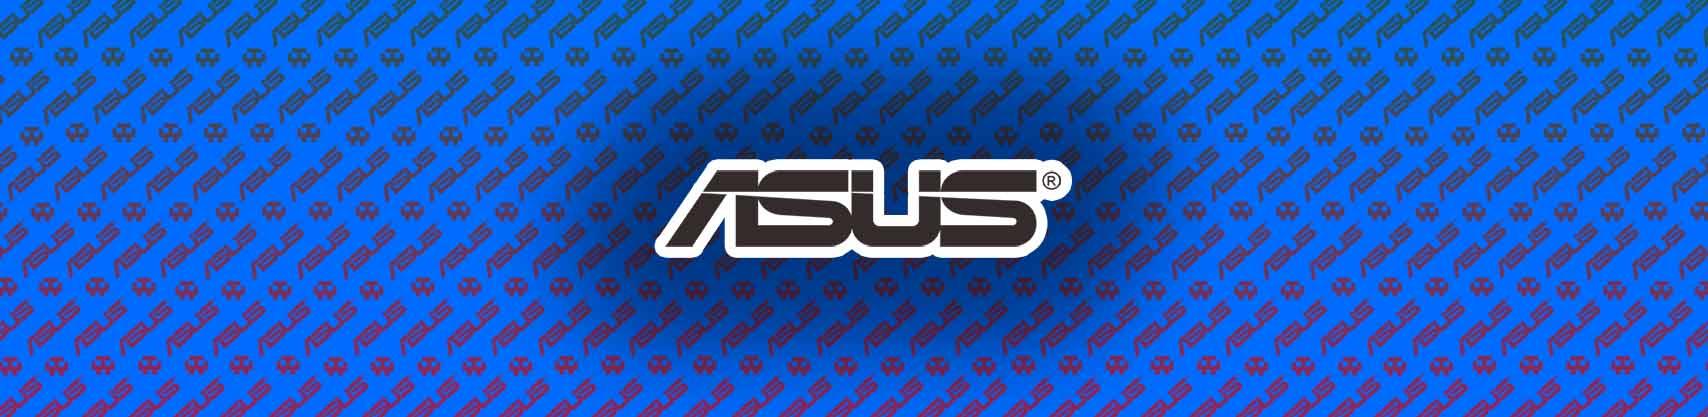 Asus z97-a Manual